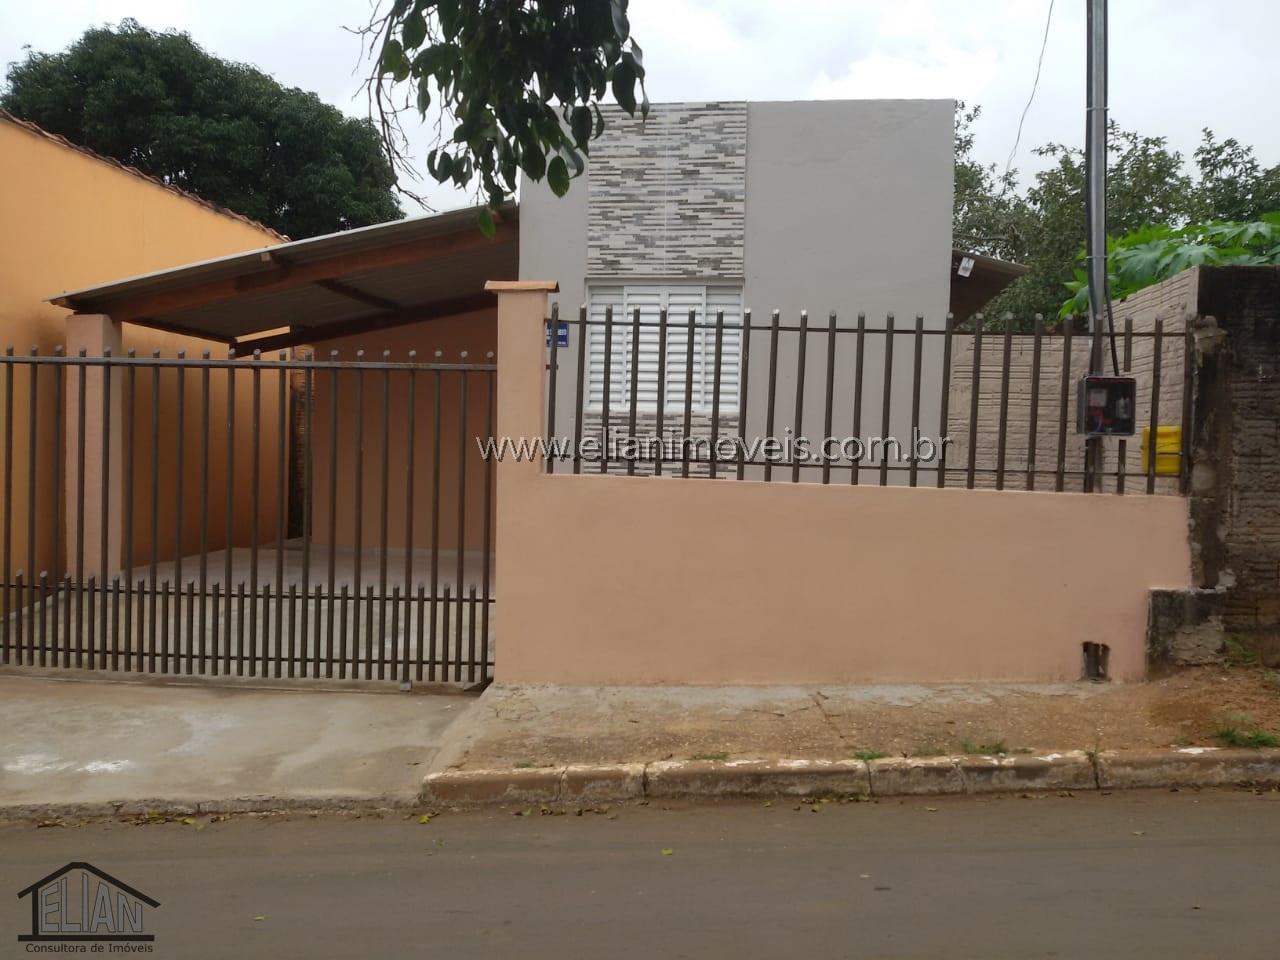 Casa  com 2 quartos no Centro, Chapada dos Guimarães  - MT